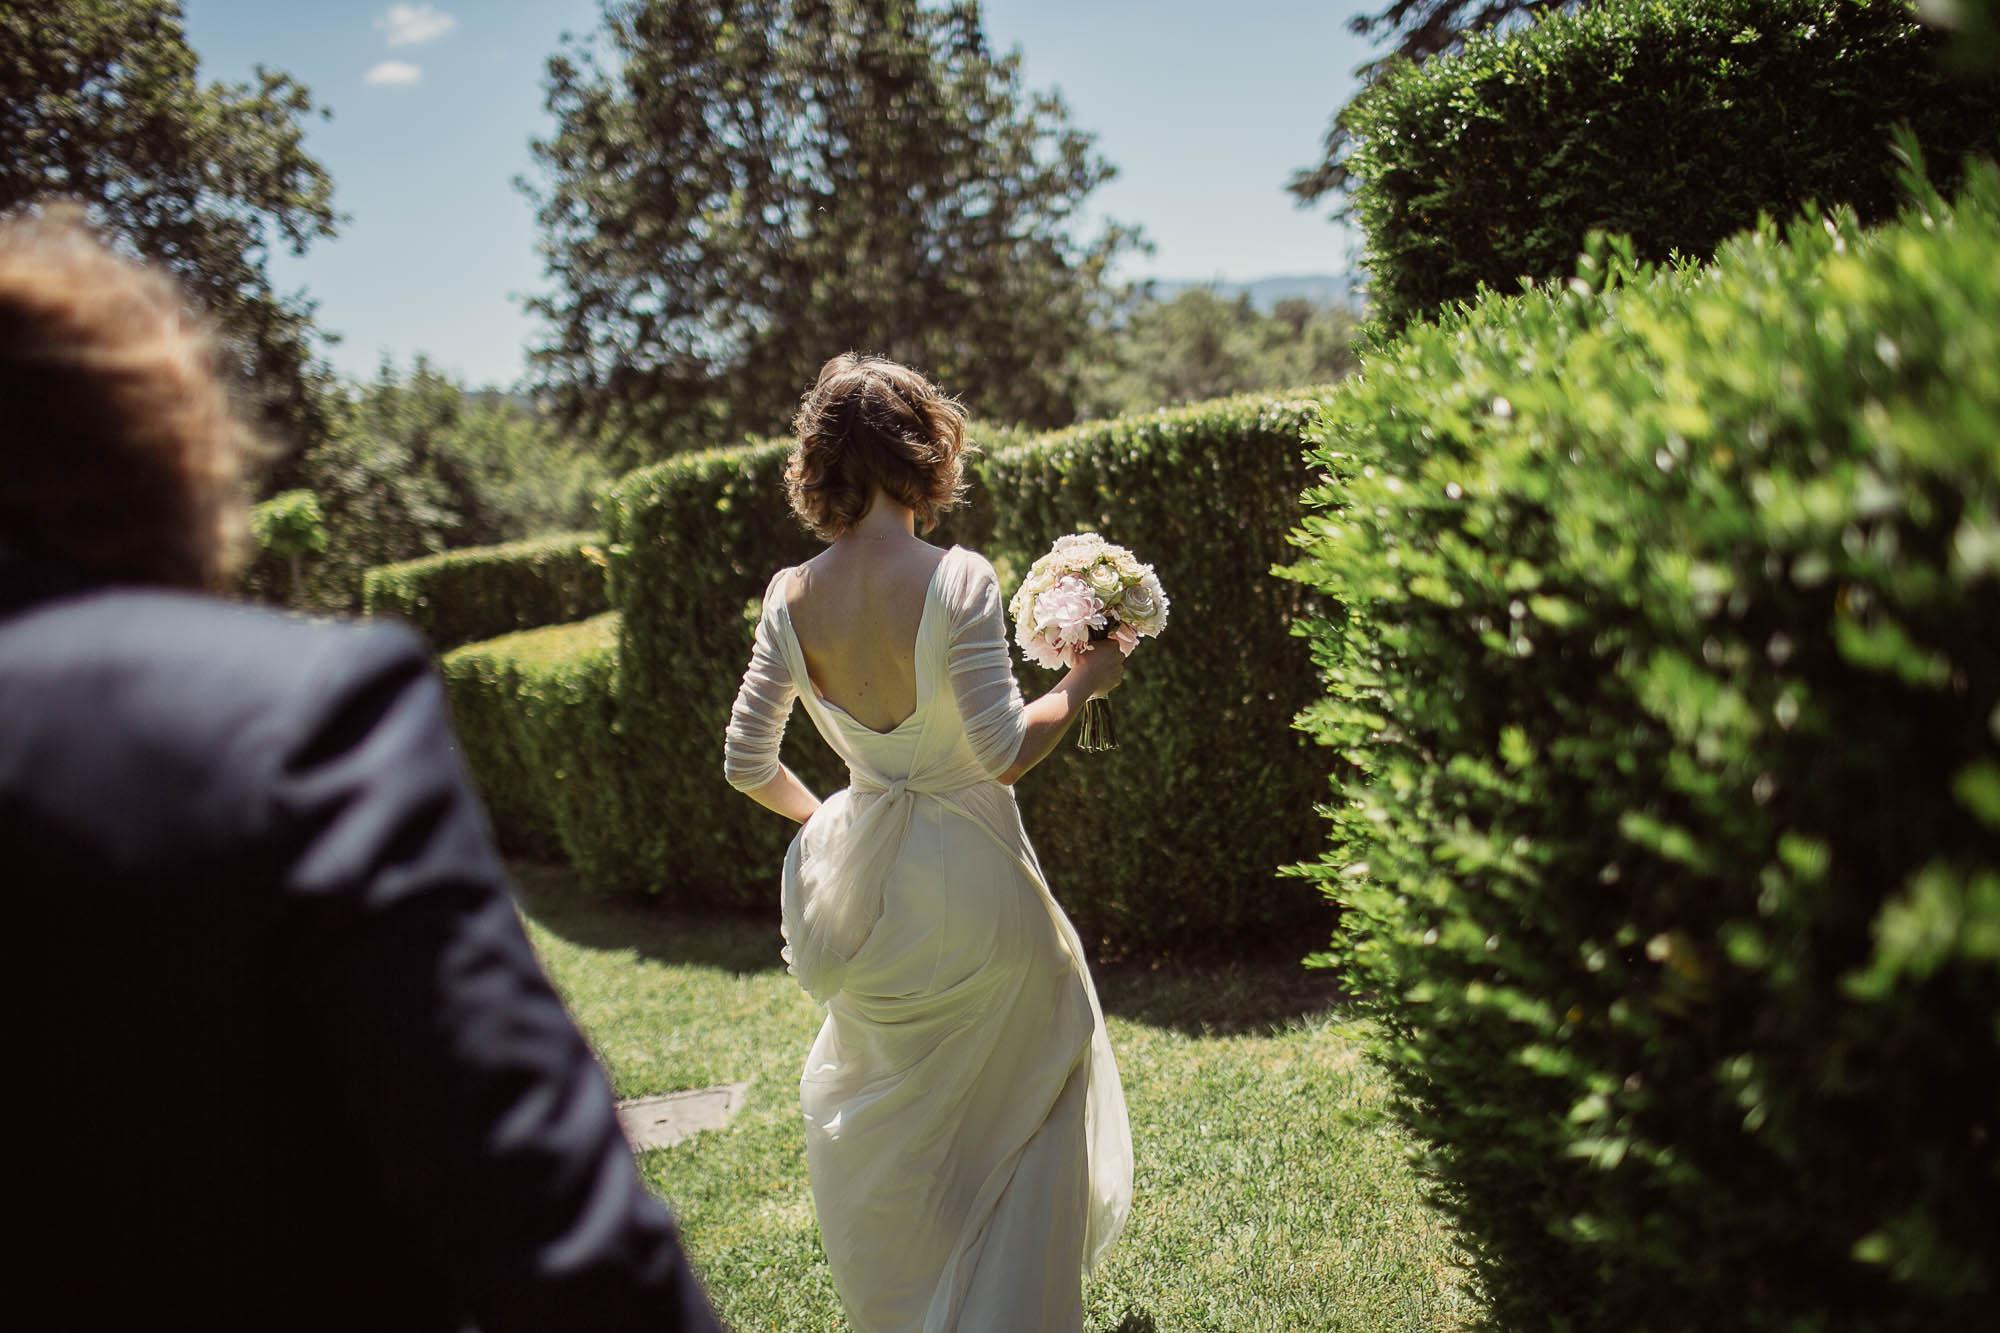 La novia se va corriendo por el jardín de la finca mientras el novio la persigue